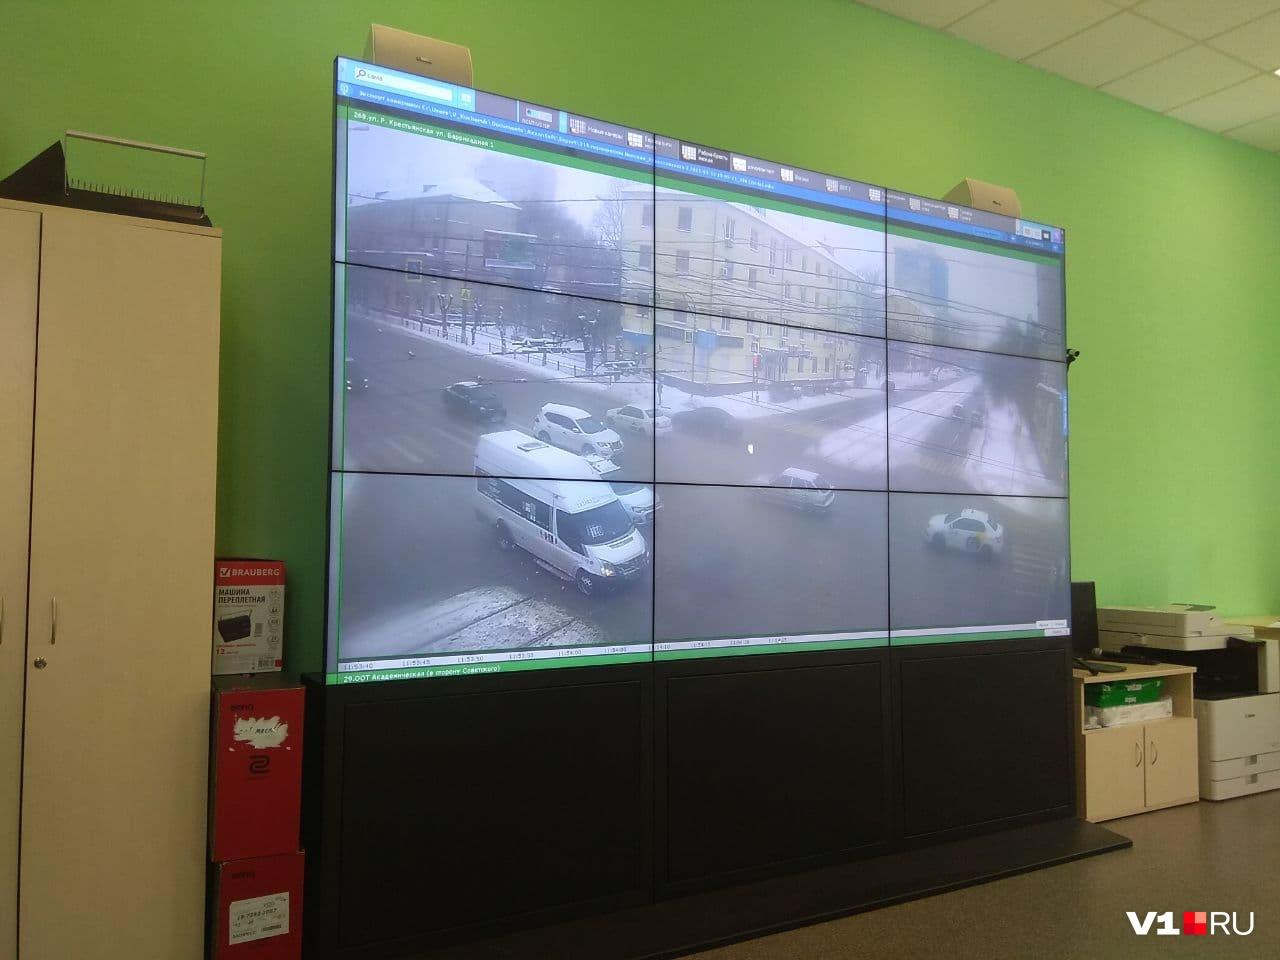 На этот экран можно вывести почти каждую уличную камеру в регионе